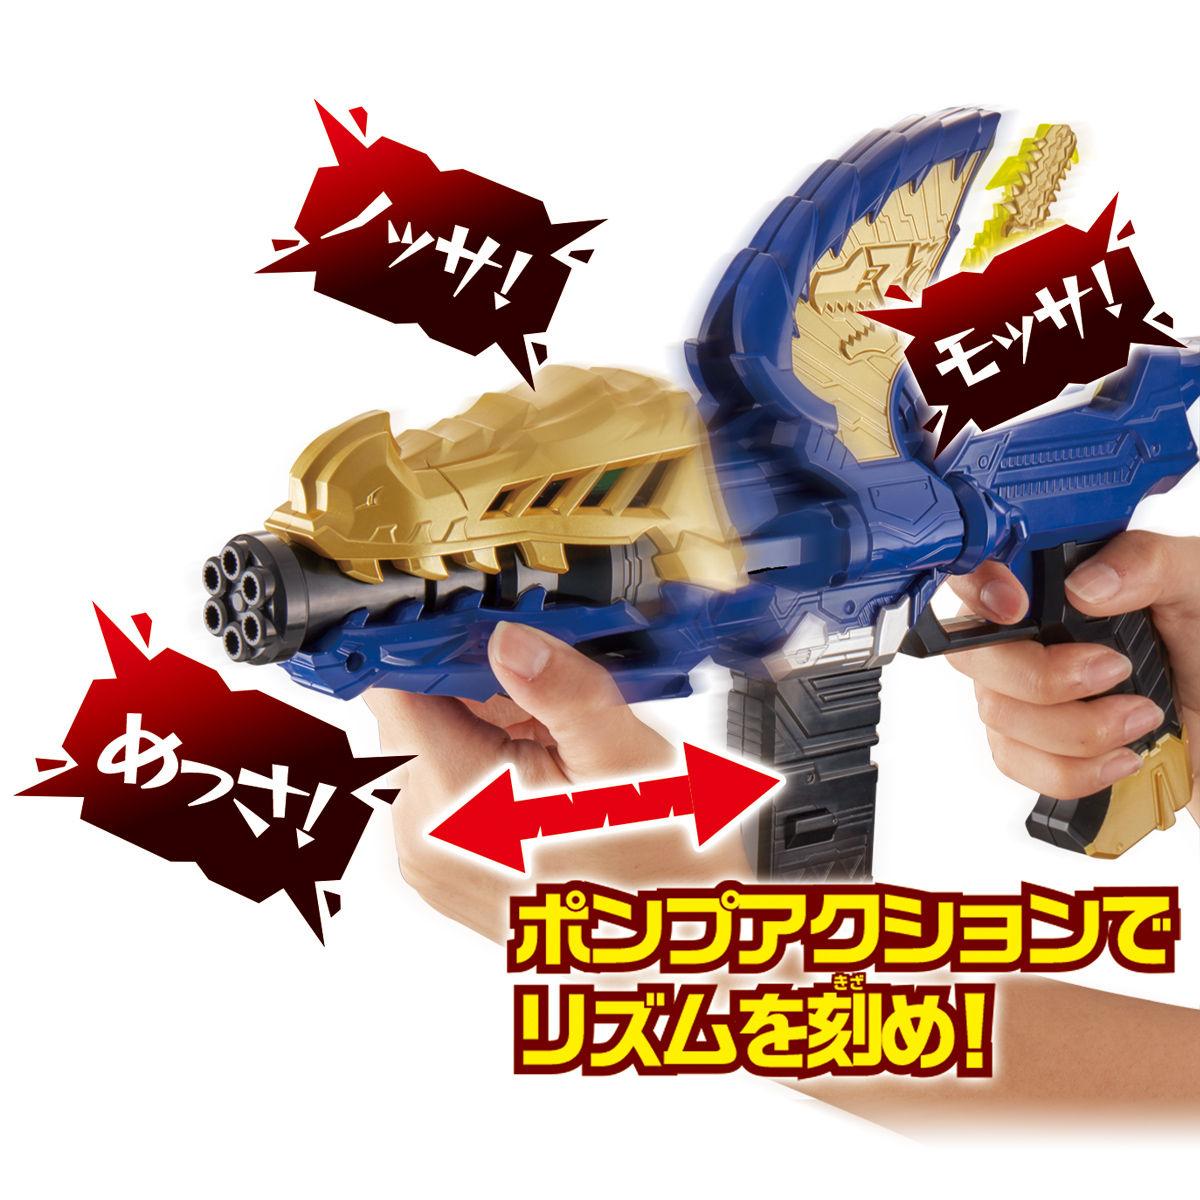 変身銃 DXモサチェンジャー